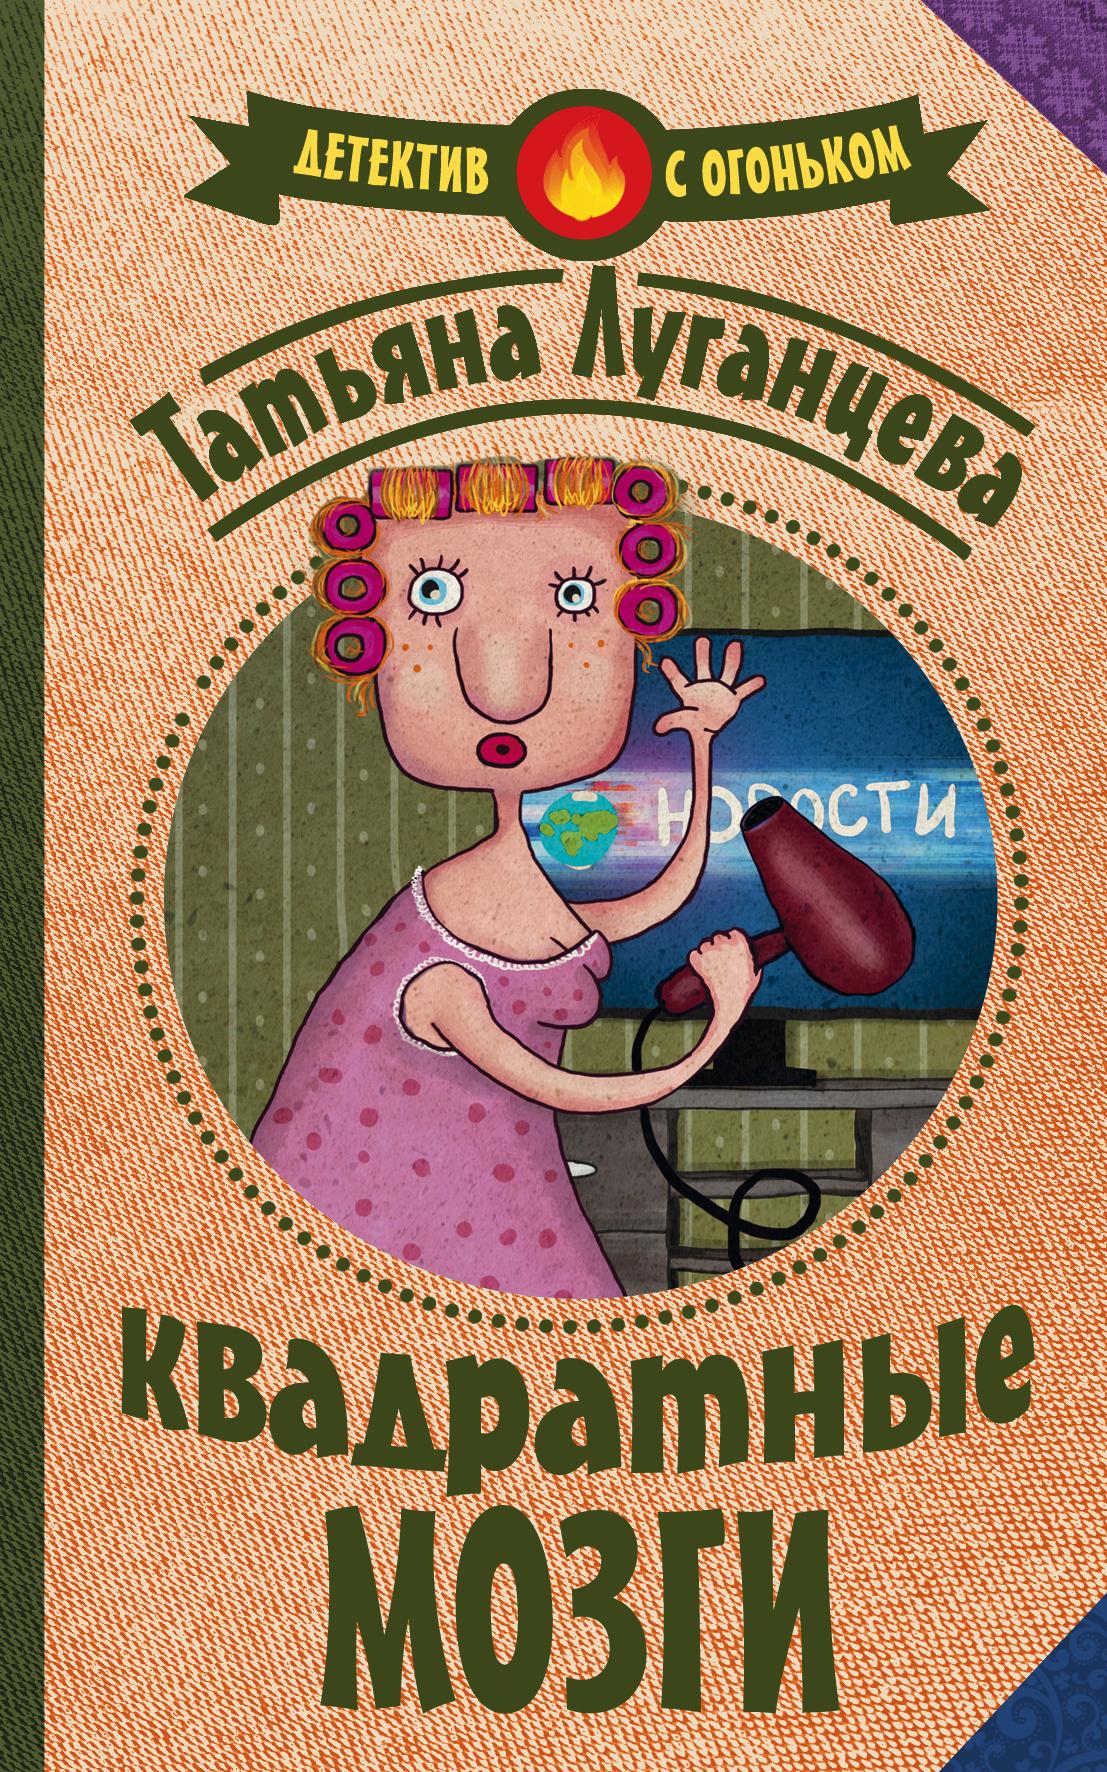 купить Татьяна Луганцева Квадратные мозги по цене 54 рублей